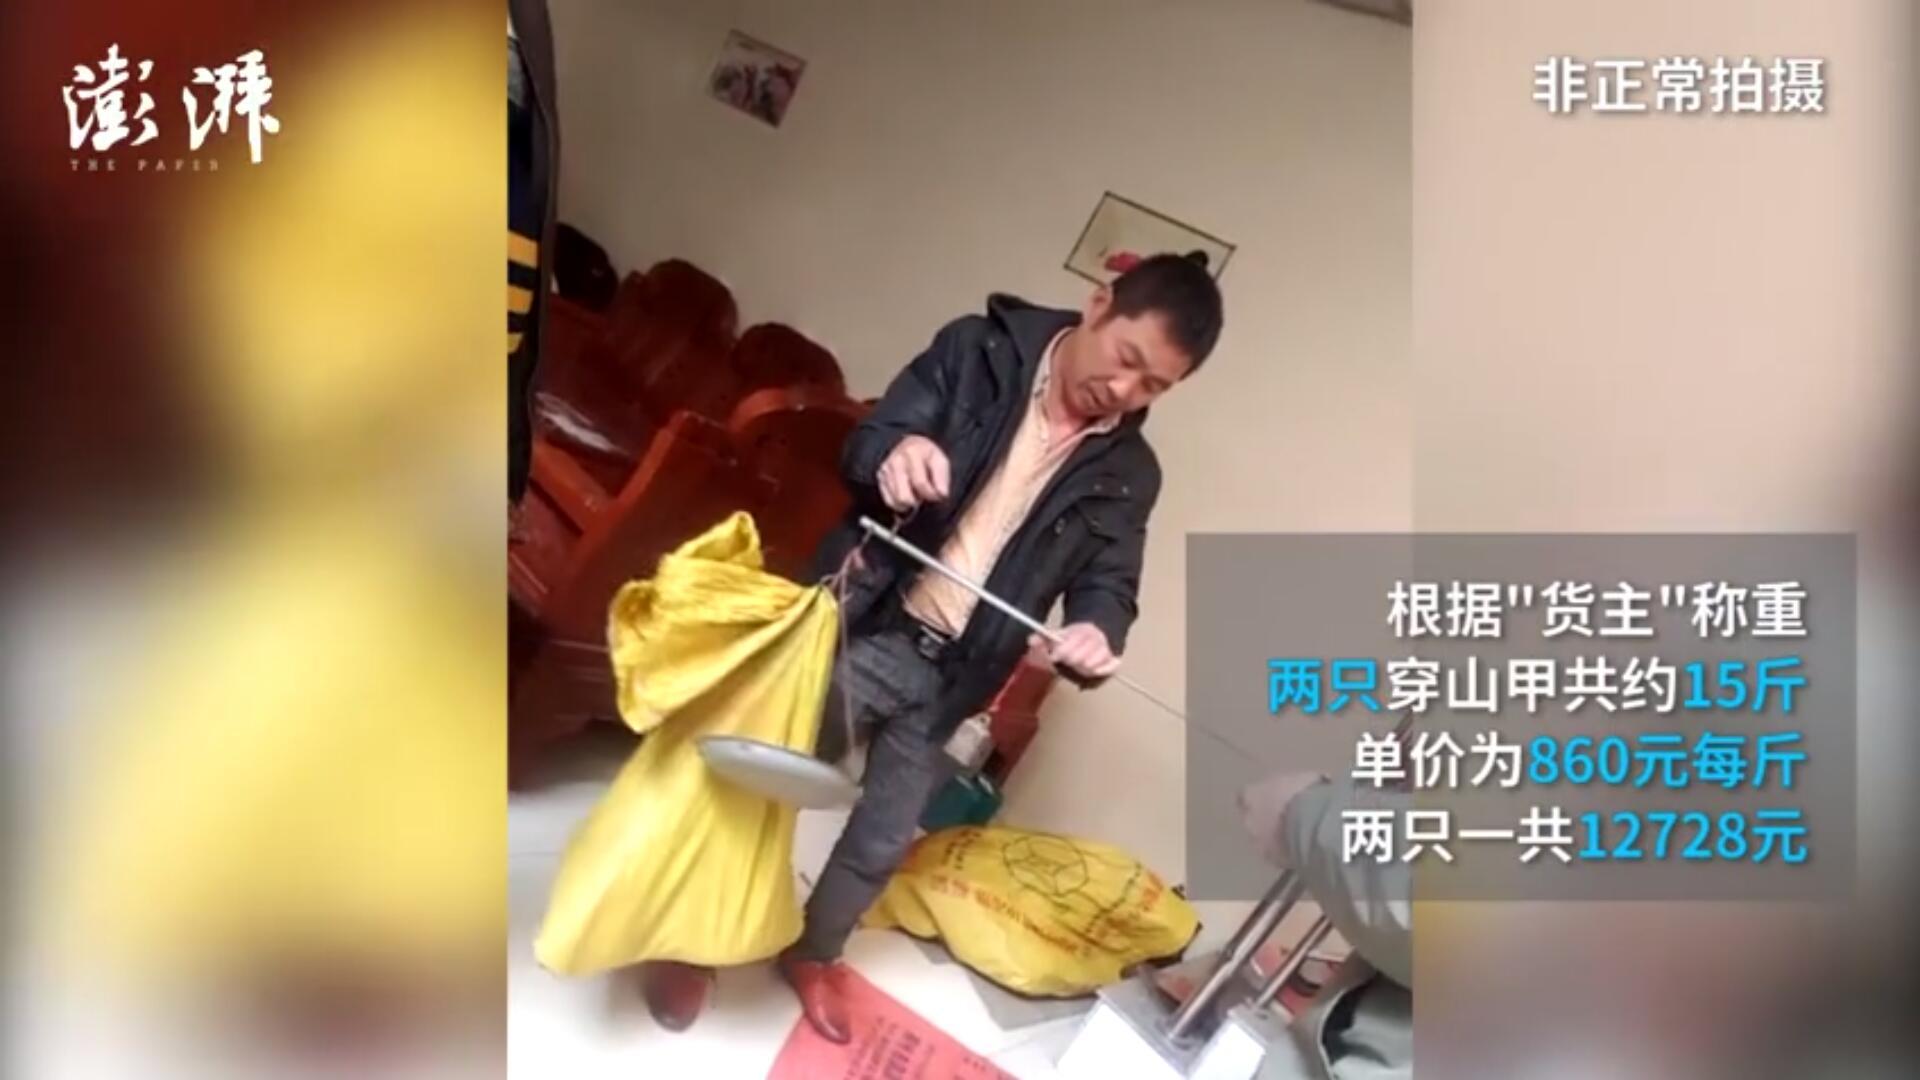 穿山甲研究专家:中华穿山甲比大熊猫珍贵,很多人吃是为炫耀 - 梅思特 - 你拥有很多,而我,只有你。。。